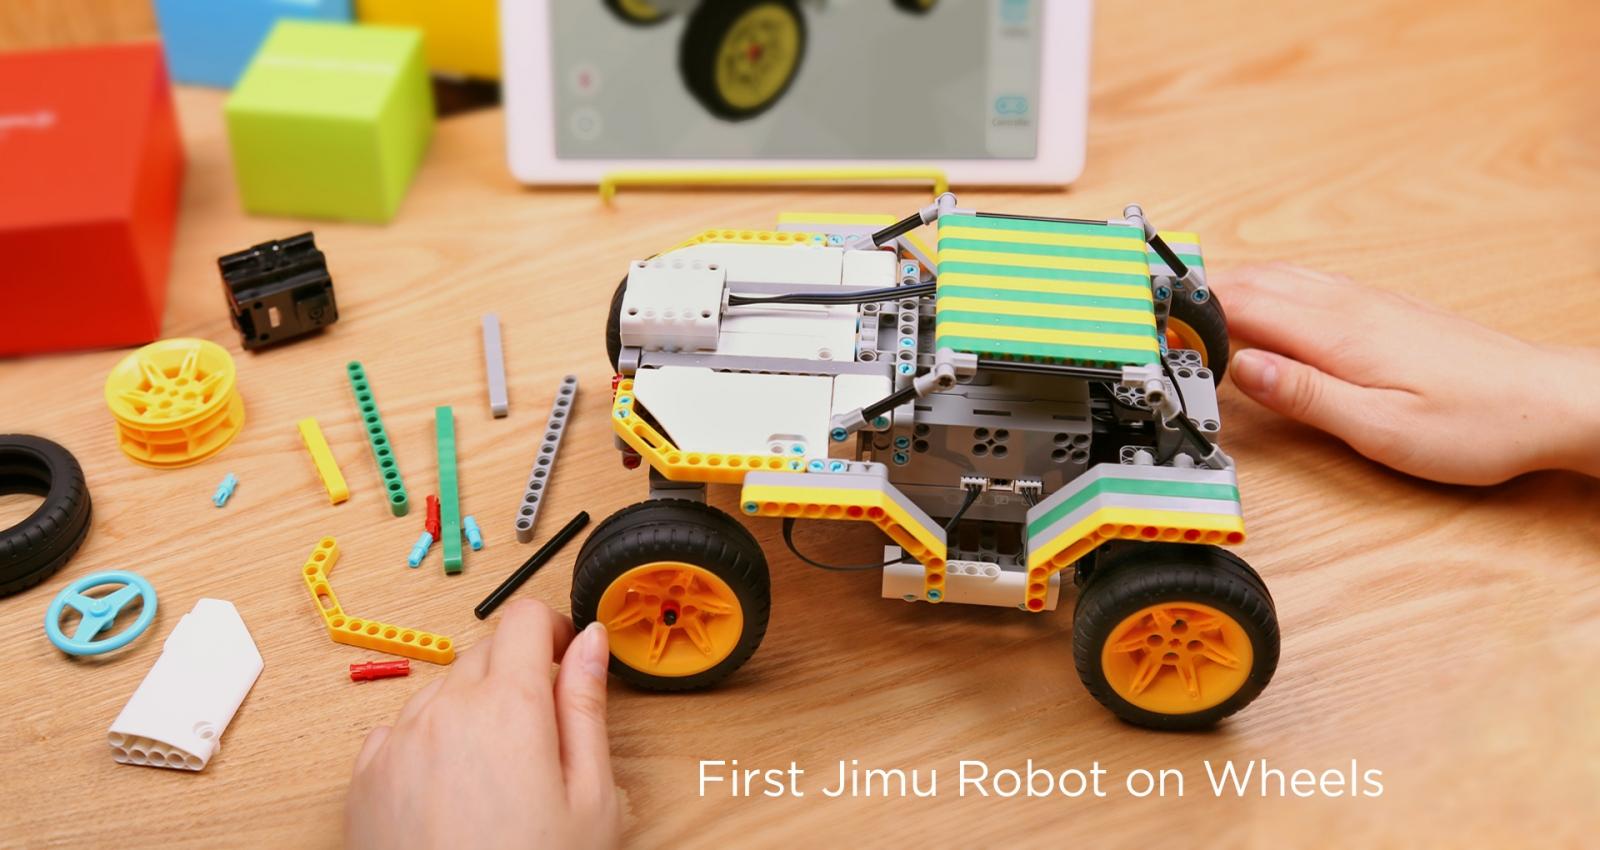 Ubtech KarBot robot